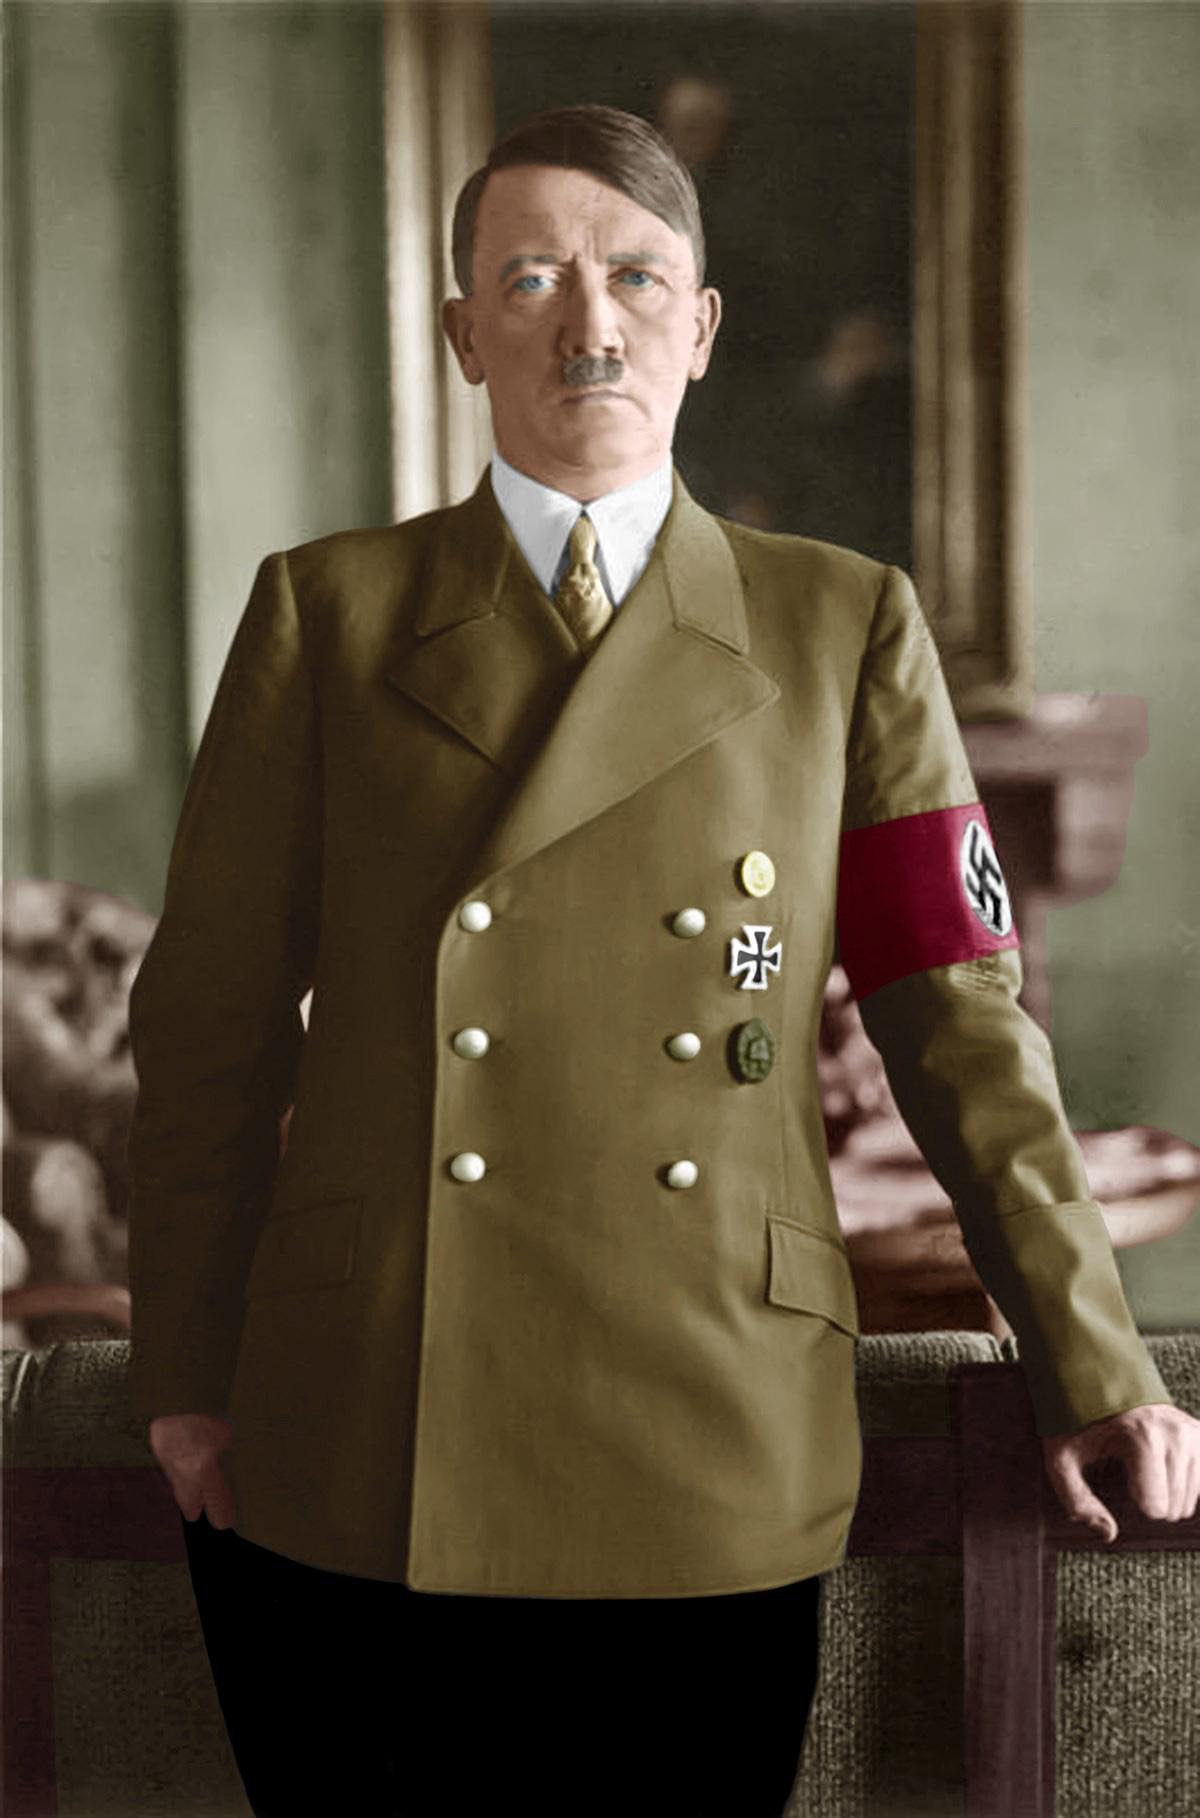 Cái chết bí ẩn của cháu trai trùm phát xít Hitler trong nhà tù Liên Xô - Ảnh 6.